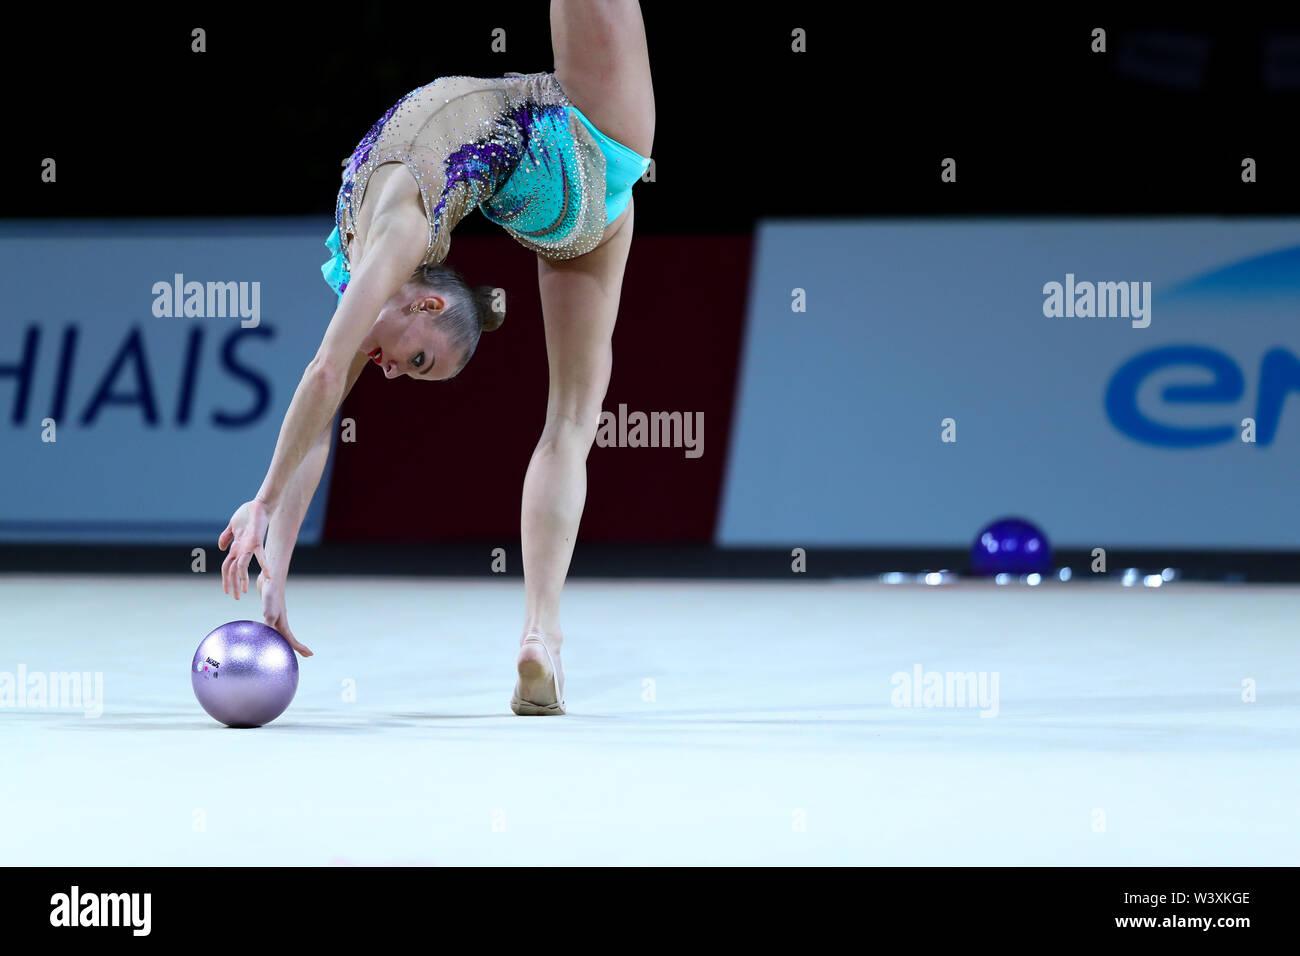 Ball Routine Gymnast Stock Photos & Ball Routine Gymnast